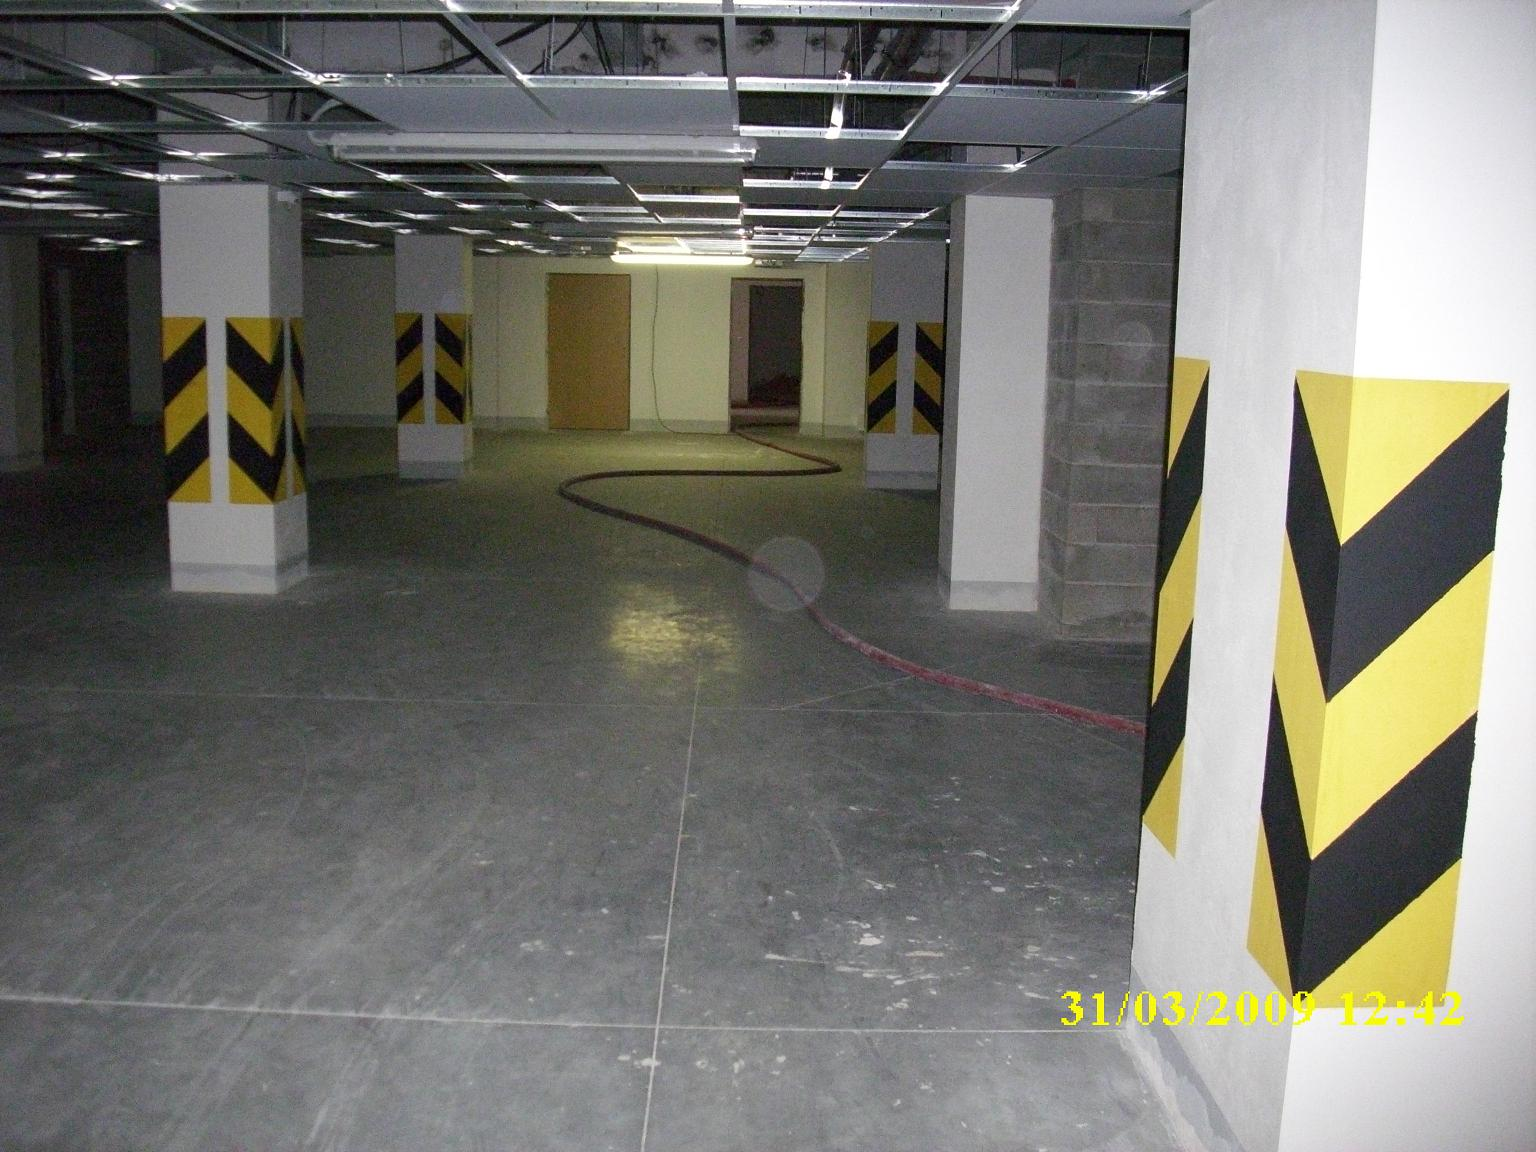 Šrafy sloupů v podzemních garážích